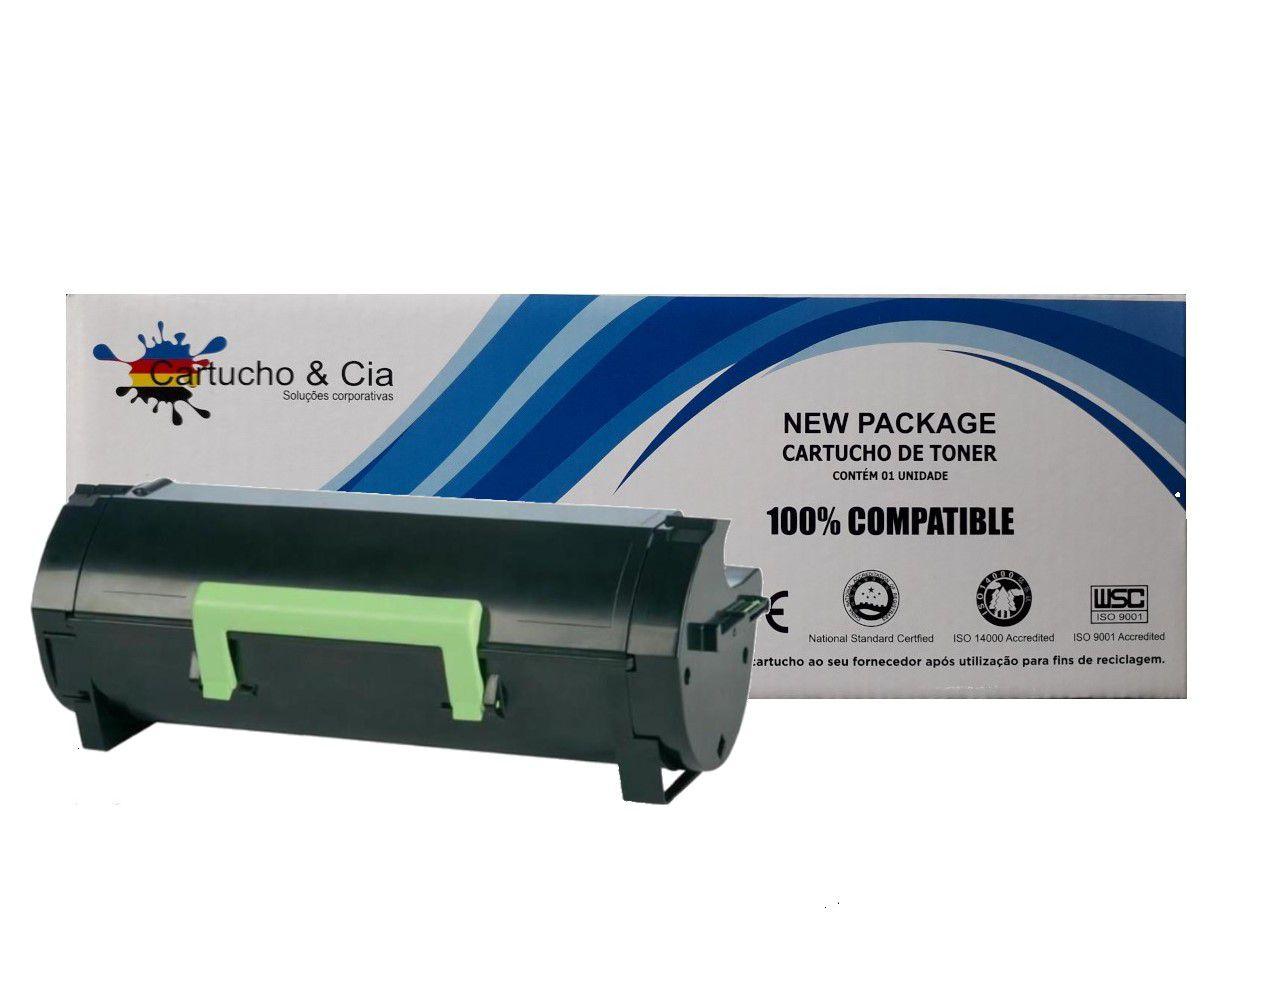 Toner Compatível com Lexmark [53B4X00] MX817/MX818 Black 45.000 Páginas - Cartucho & Cia.